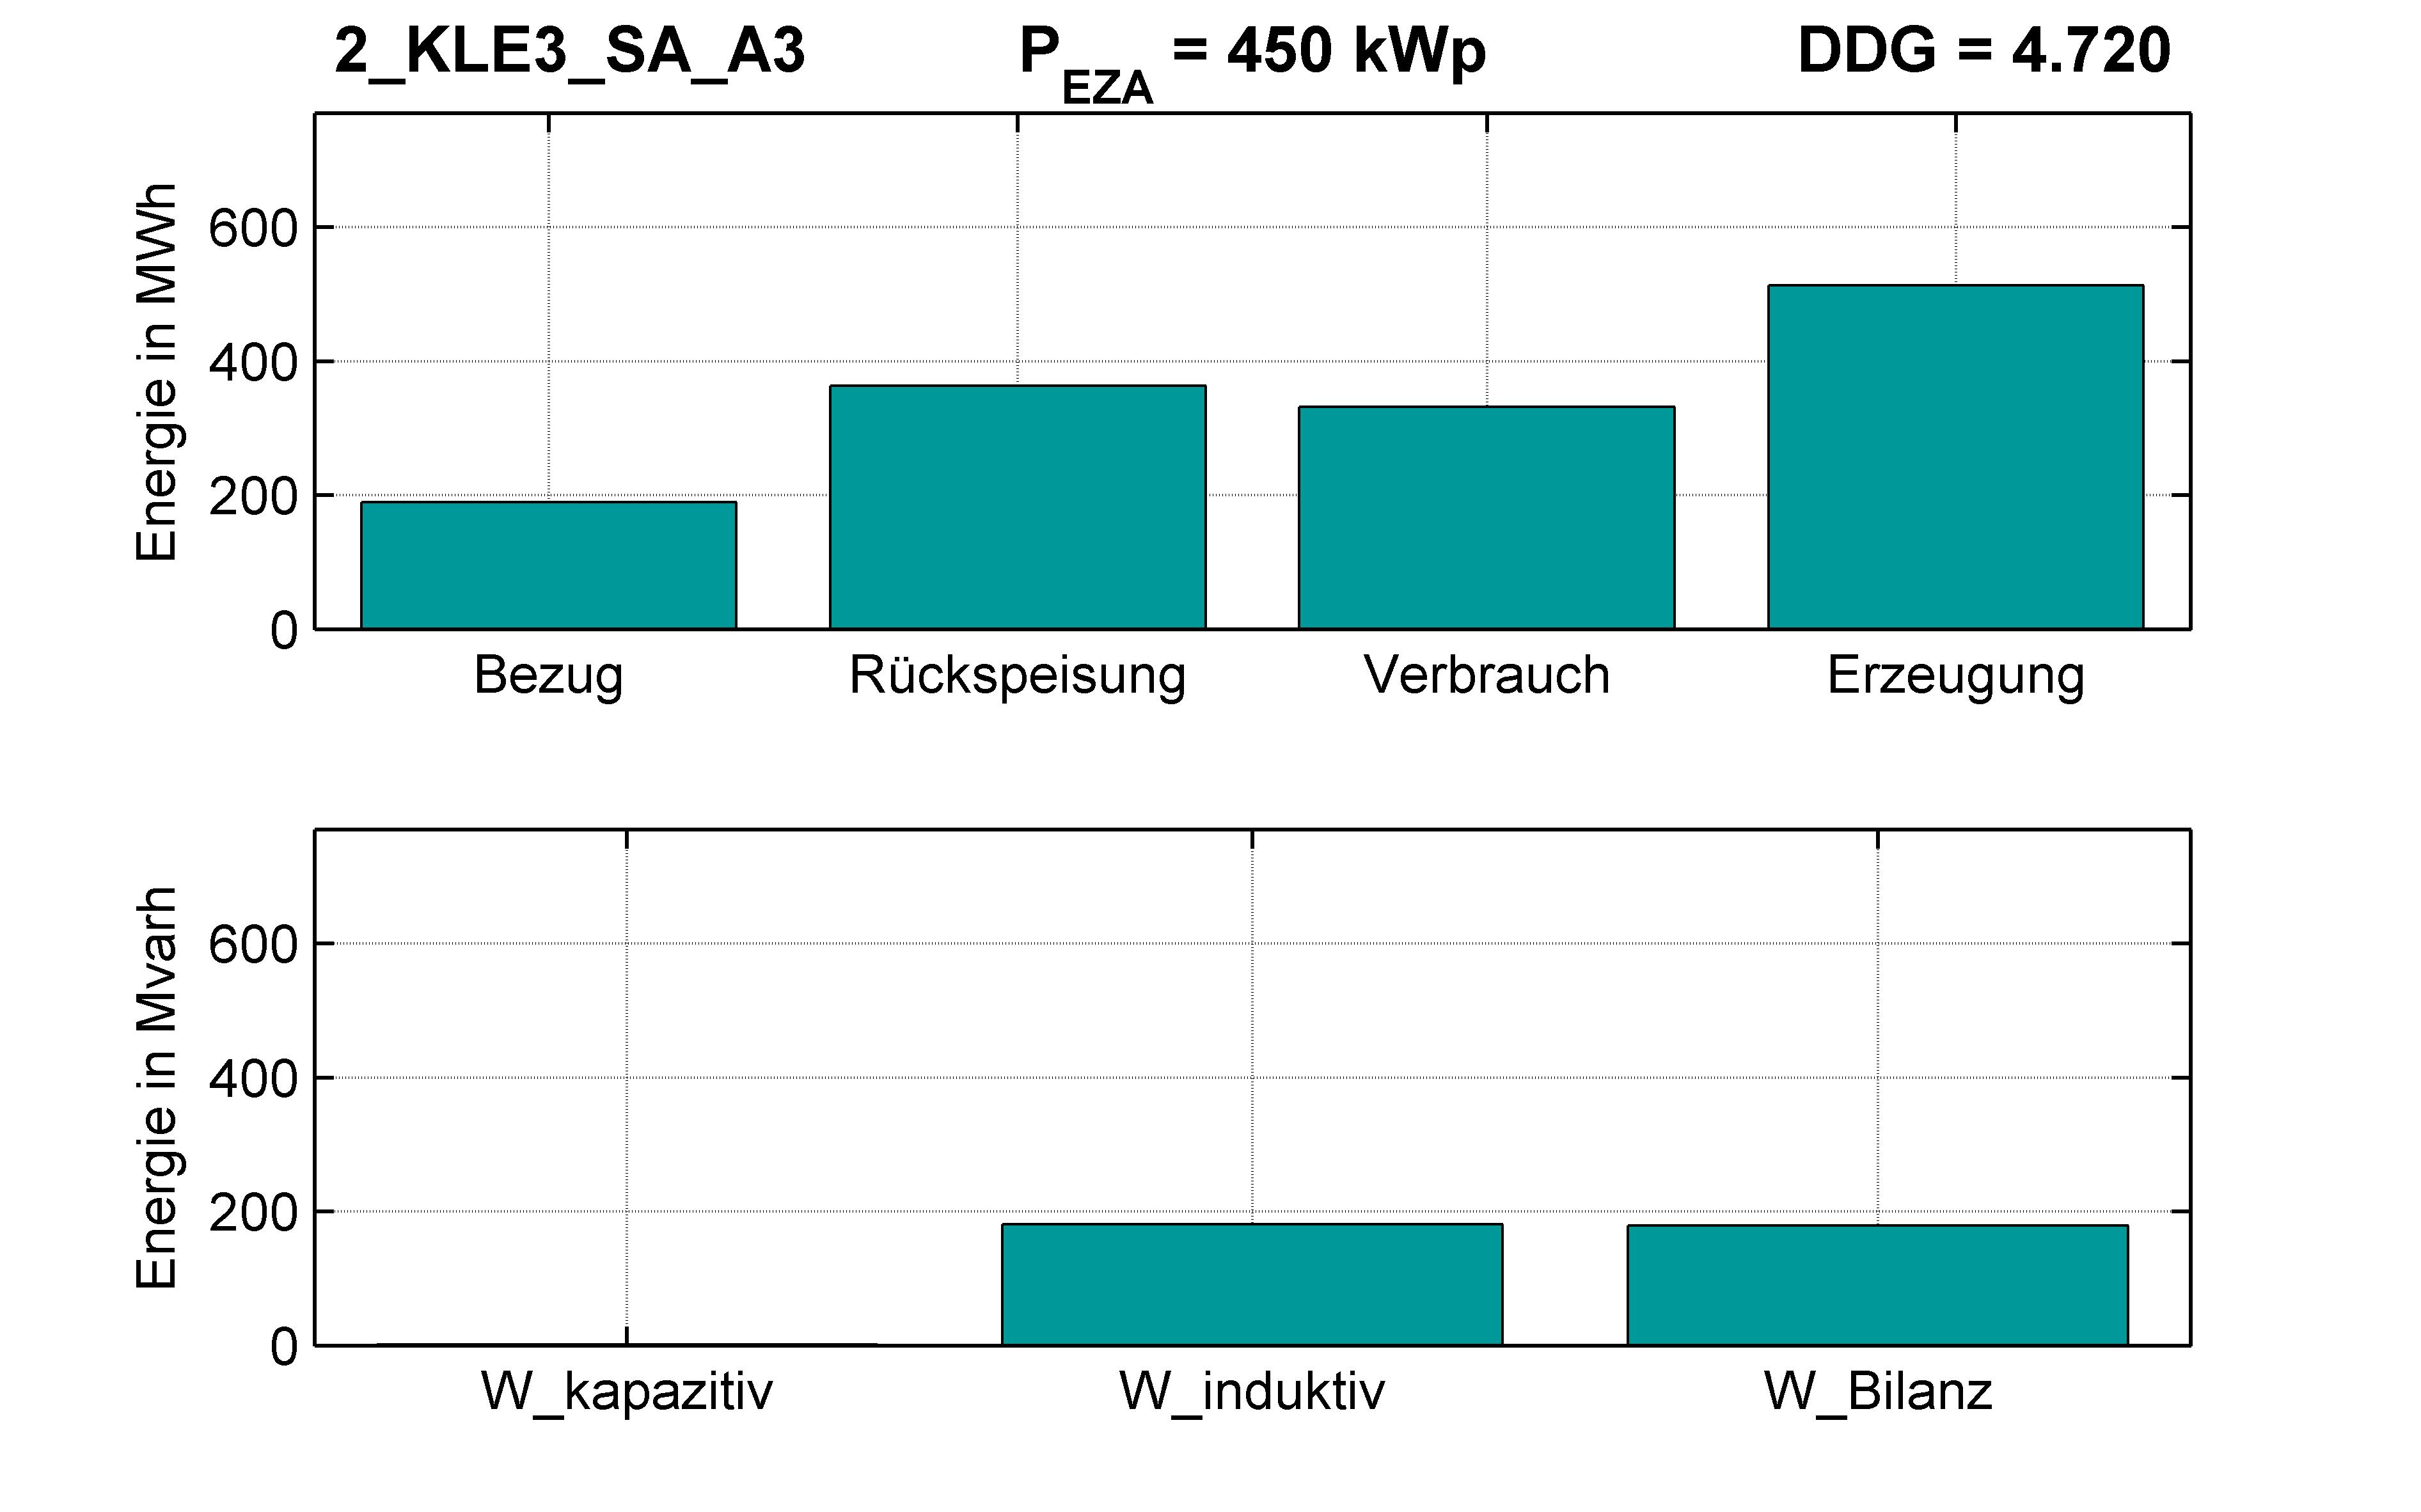 KLE3 | P-Kappung 85% (SA) A3 | PQ-Bilanz